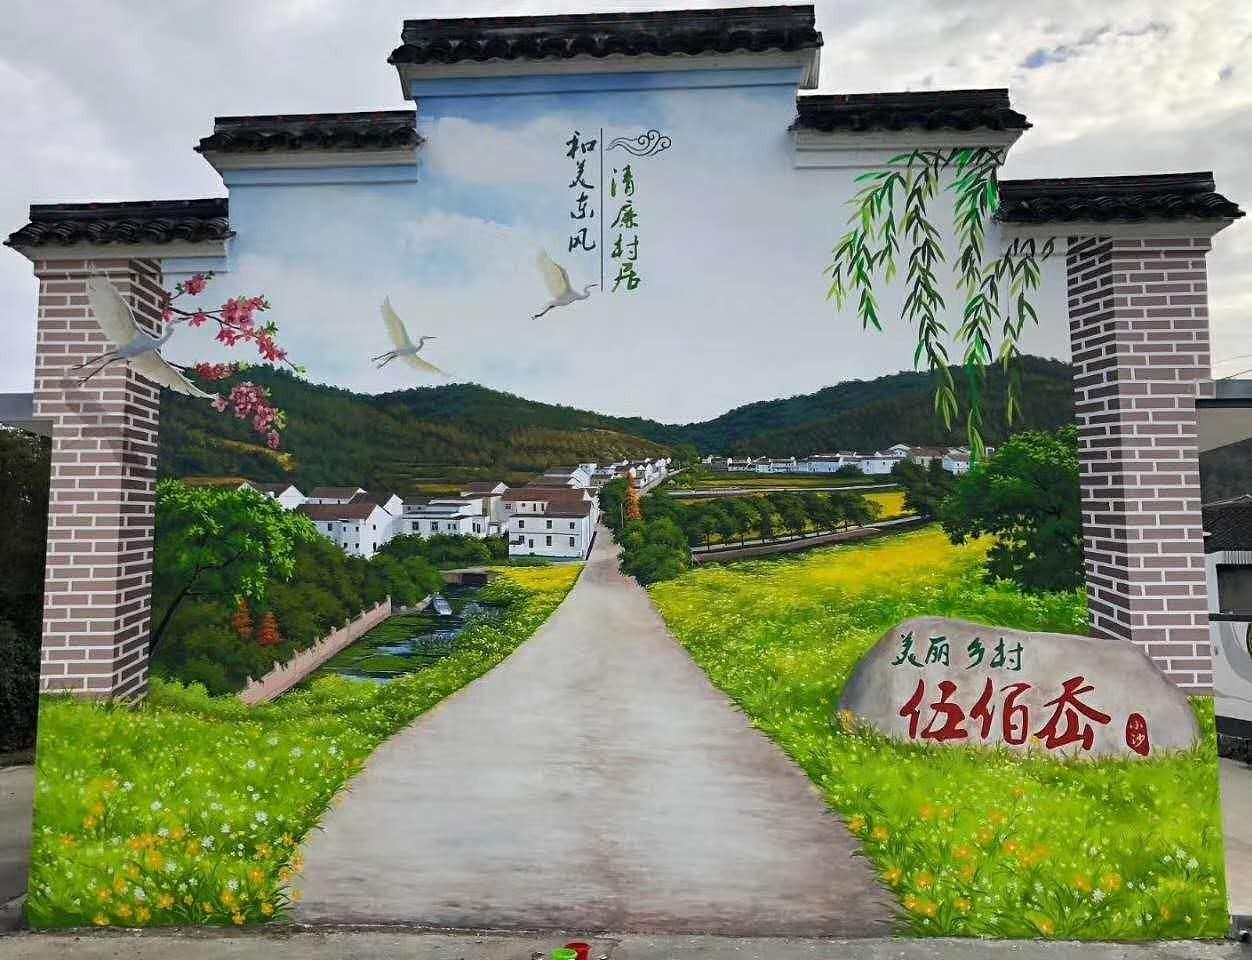 南昌墙体绘画,南昌绘画墙体,南昌古建筑绘画,南昌绘画古建筑